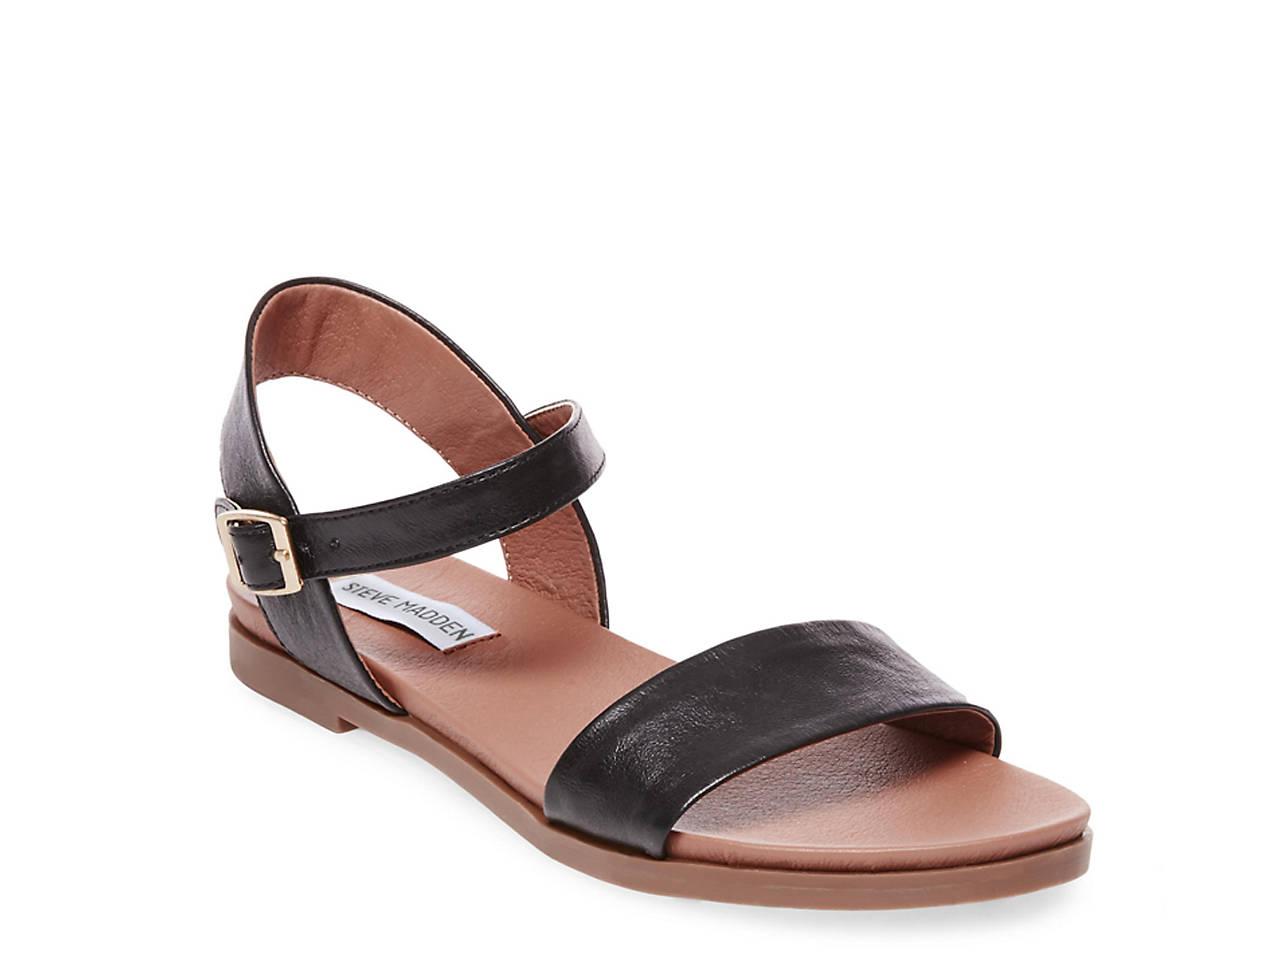 d1e7ab85e40e Steve Madden Dina Sandal Women s Shoes